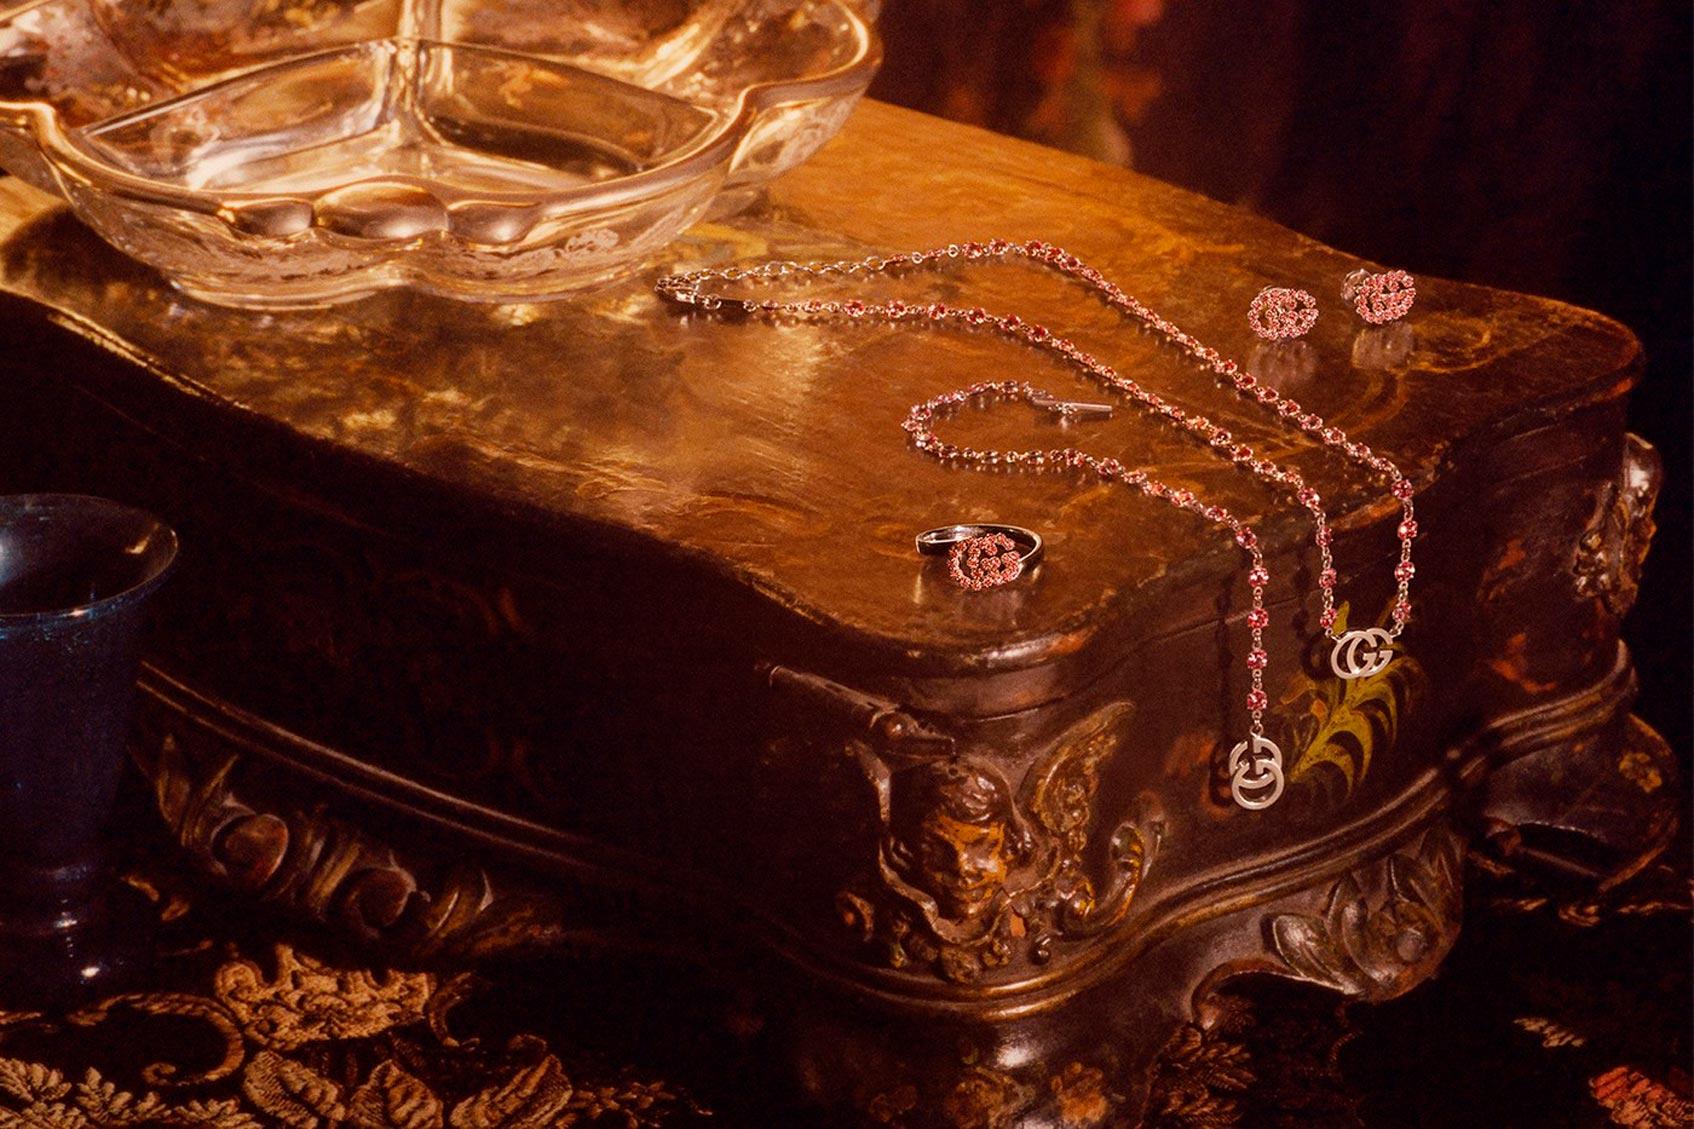 gucci выпустил коллекцию украшений